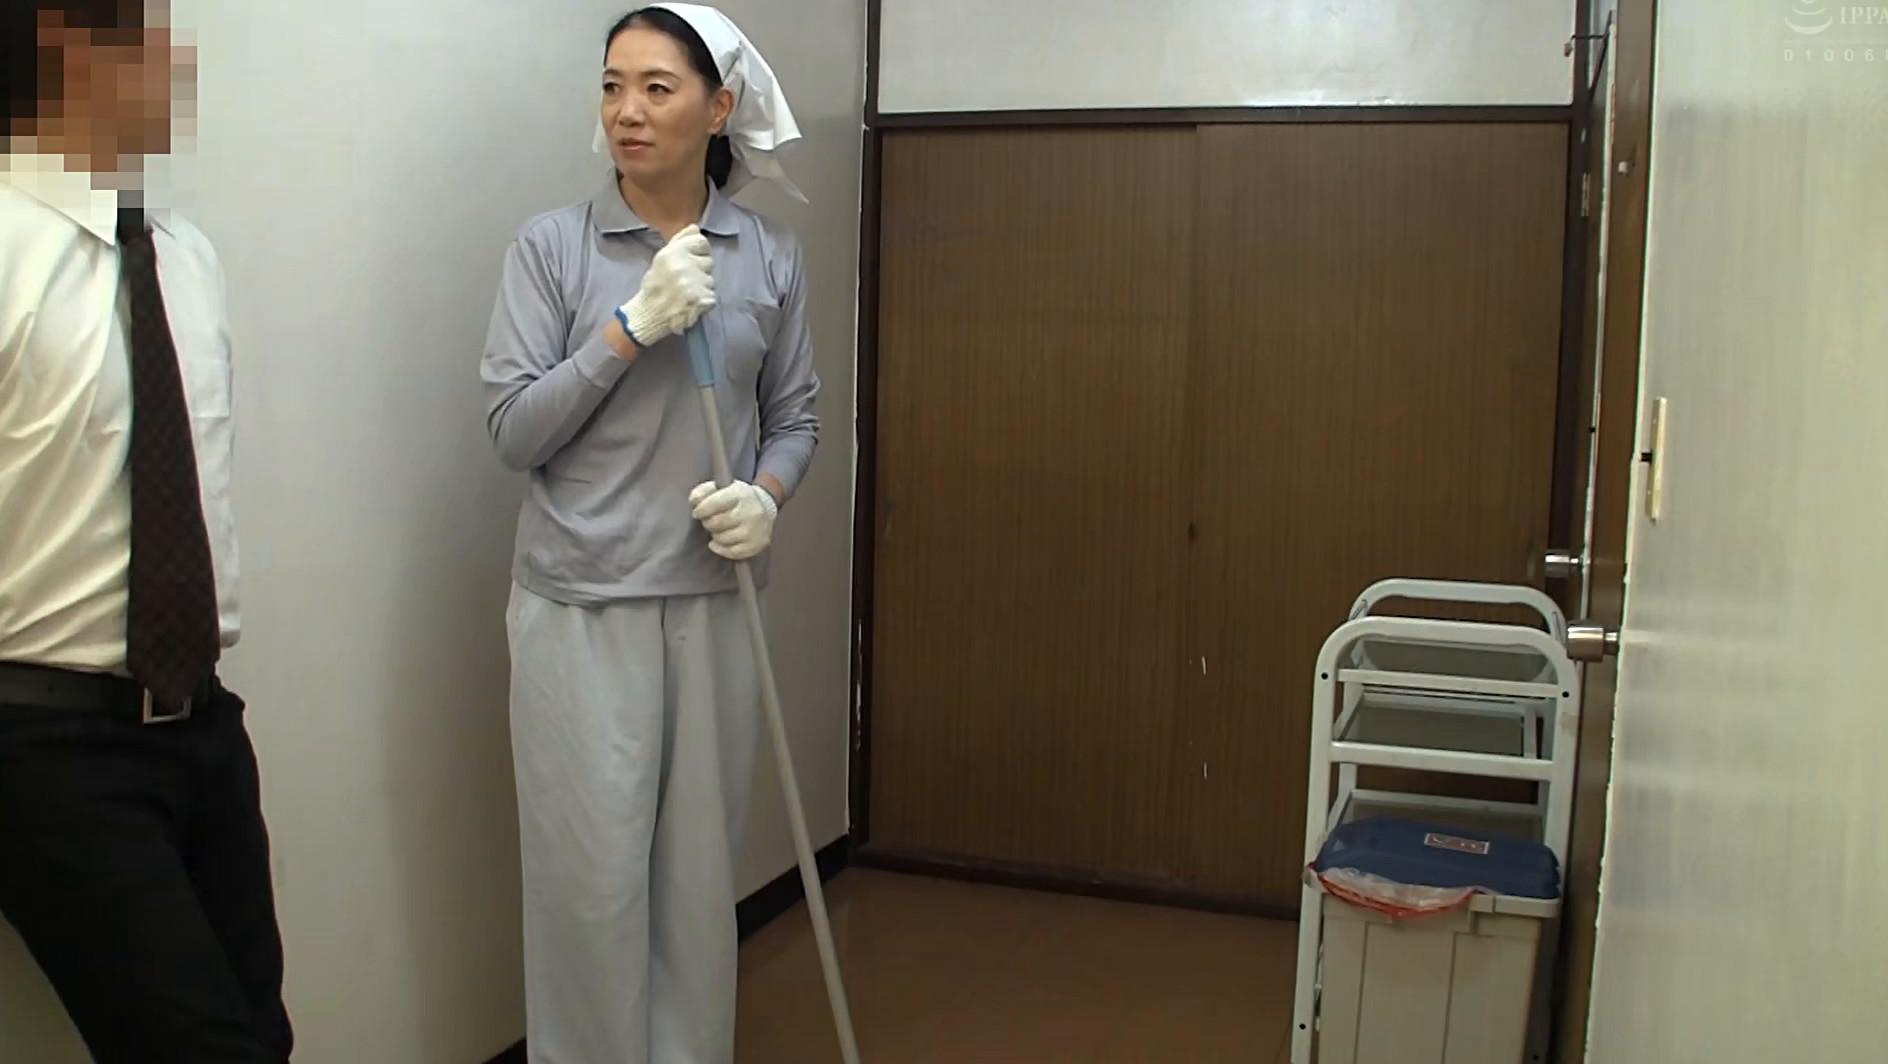 清掃員のおばさんを口説いてSEXする 9人4時間 画像6